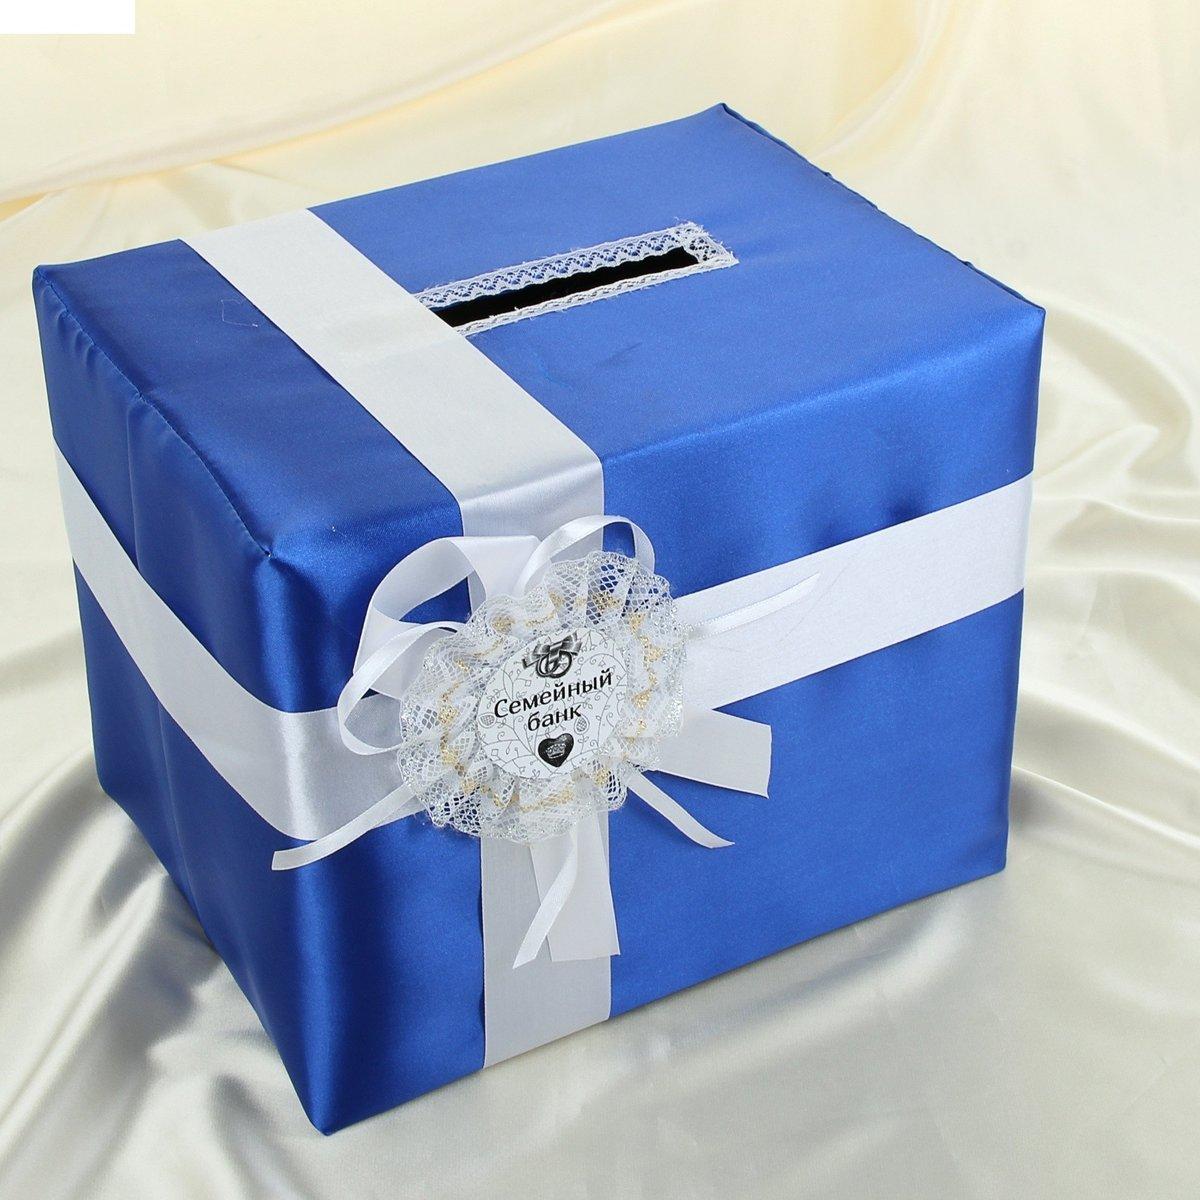 Банк для свадьбы из коробки 4